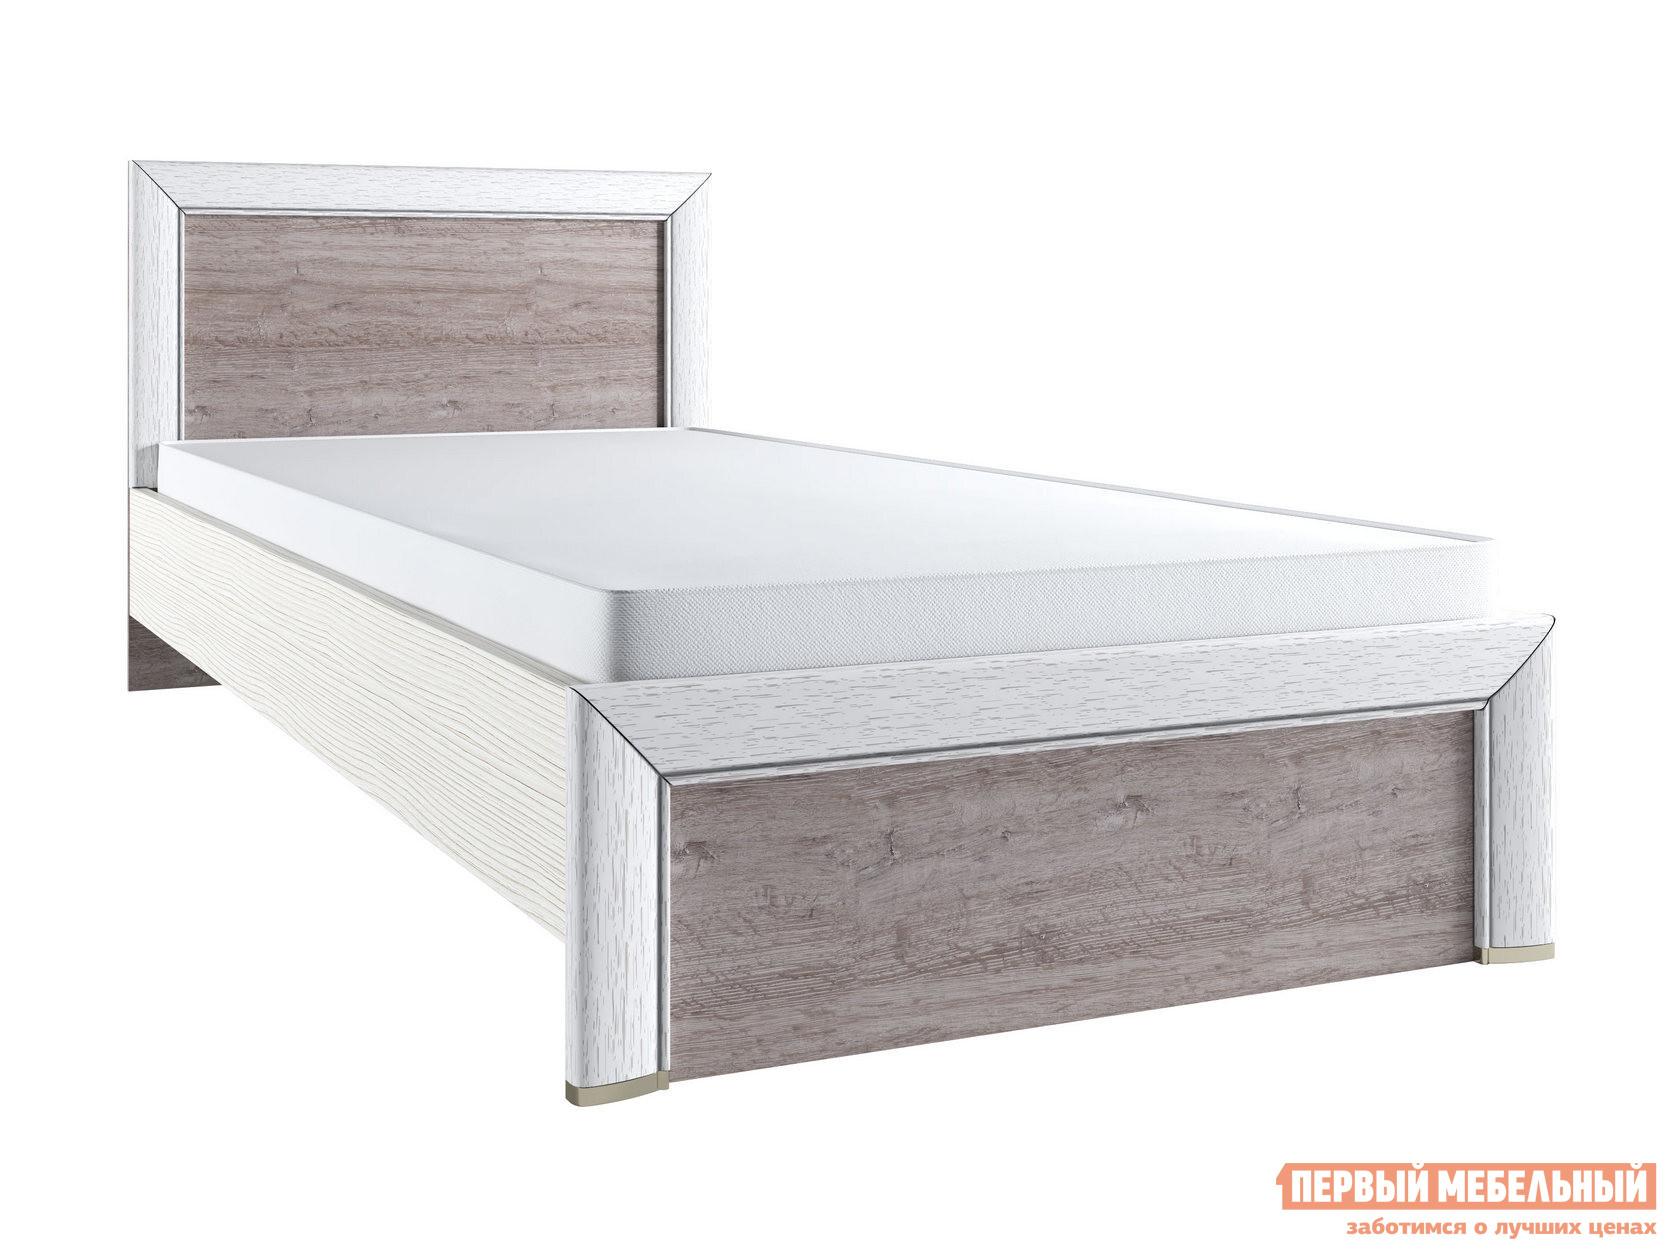 Односпальная кровать Первый Мебельный Кровать Оливия 90х200 / 120х200 железная кровать односпальная tetchair румба